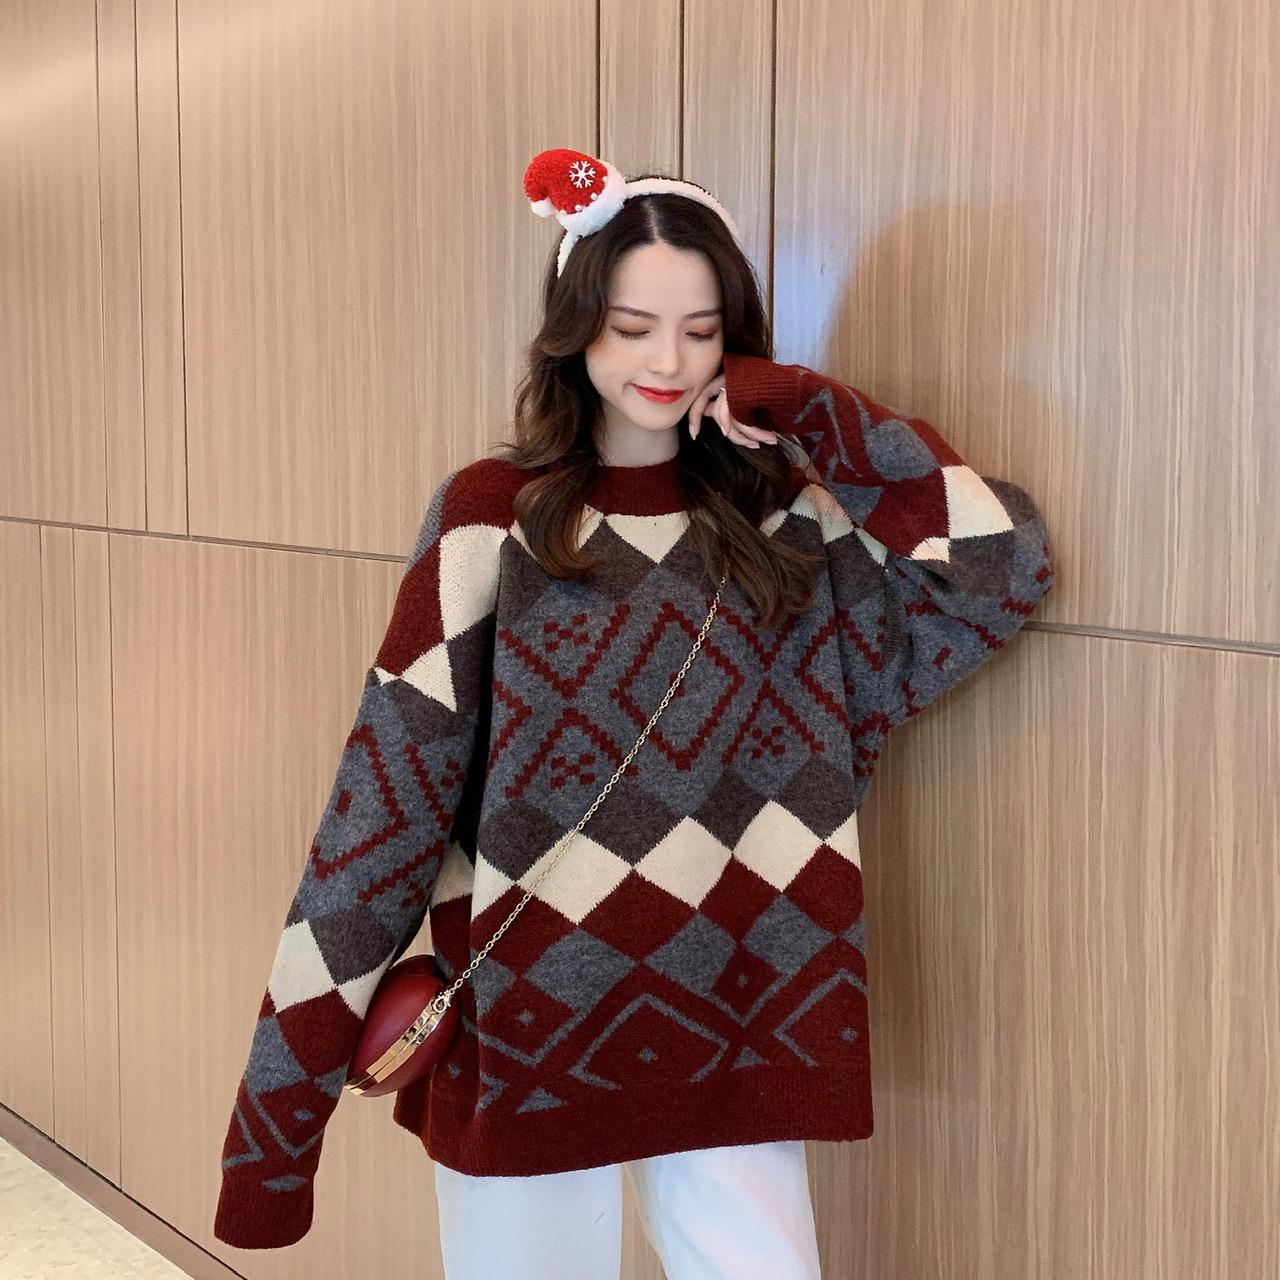 實價實拍 秋冬韓版寬松顯瘦拼色套頭針織毛衣女